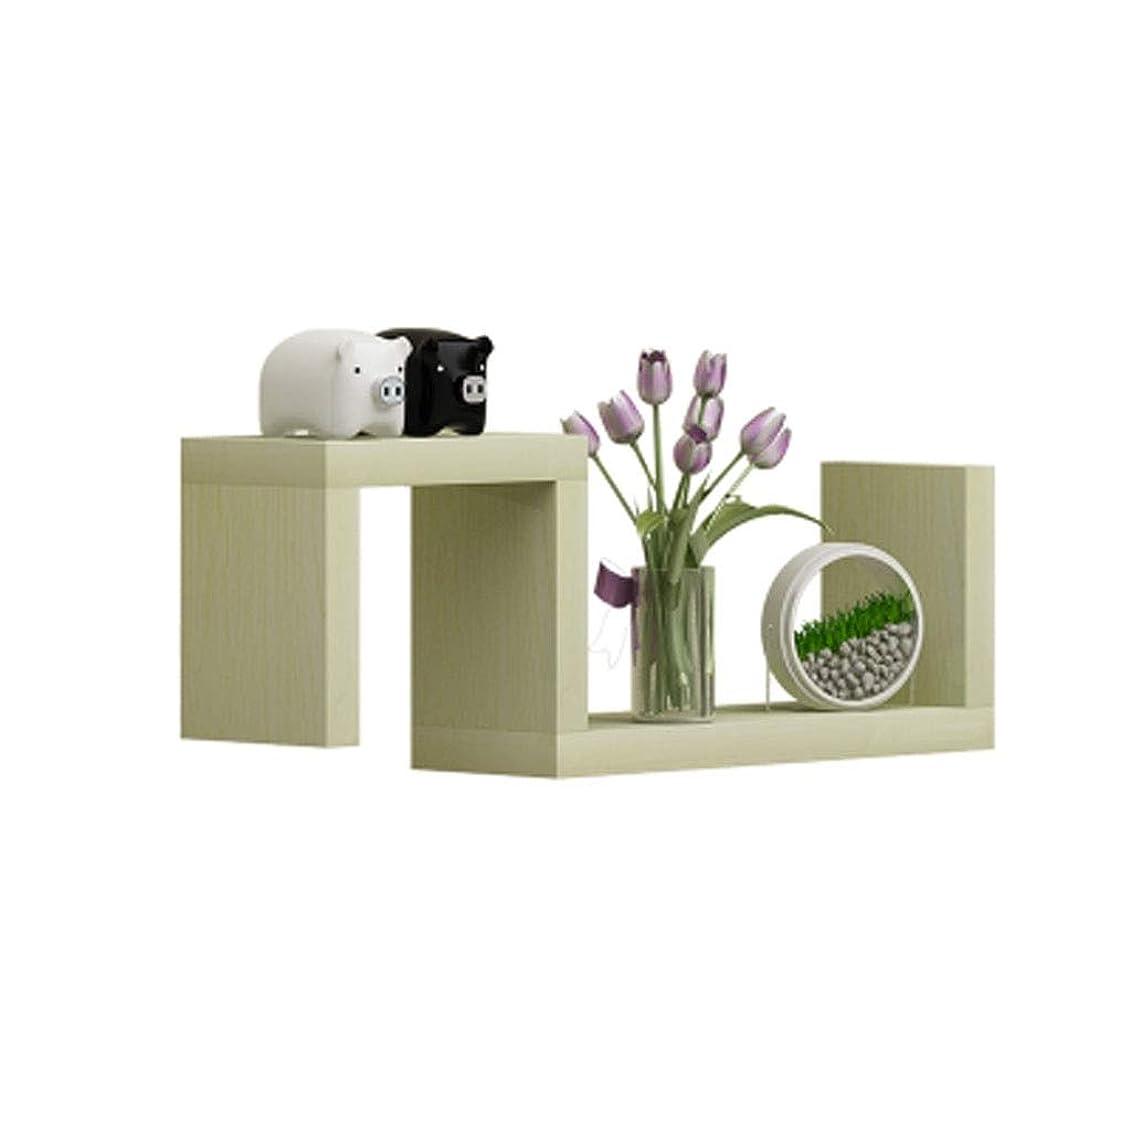 関与する津波宗教的な金属棚ユニット、錬鉄製の窓枠、廊下フレーム - クリエイティブディスプレイフレーム - 工業用ウィンドシェルフ(ブラック) (Color : White)